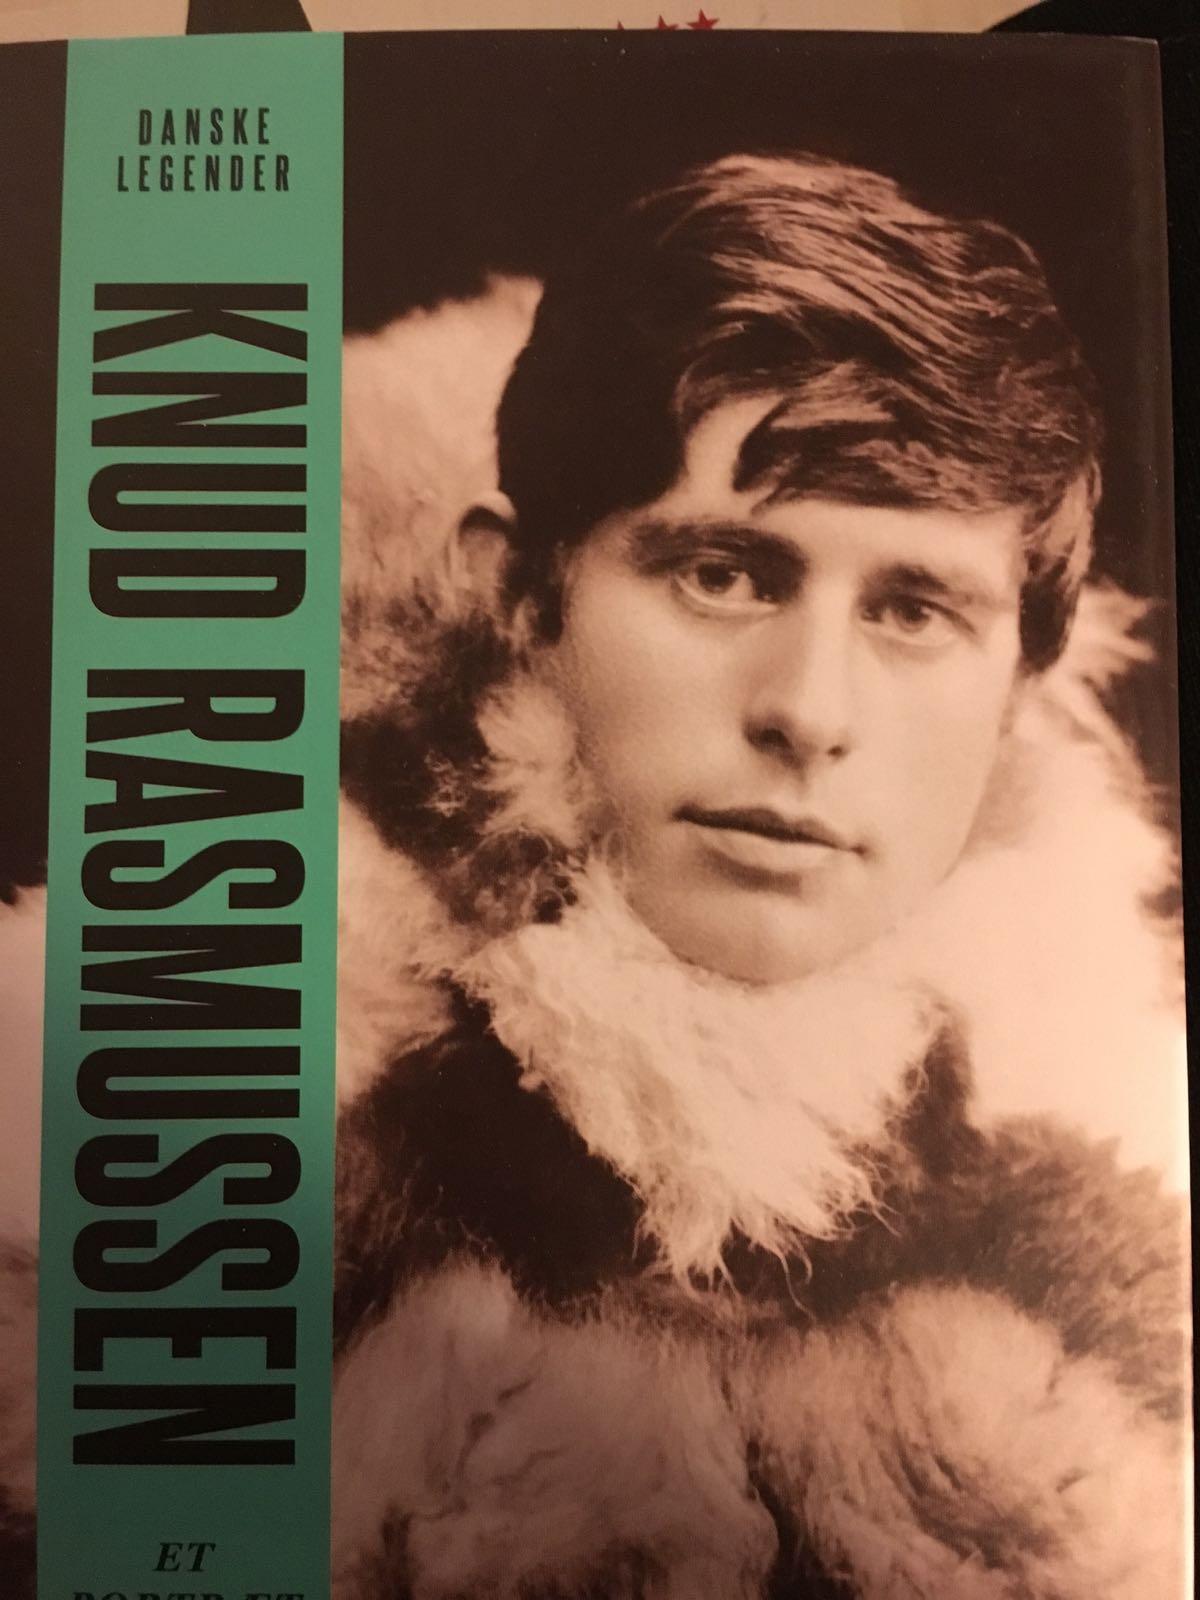 Danske legender: Knud Rasmussen